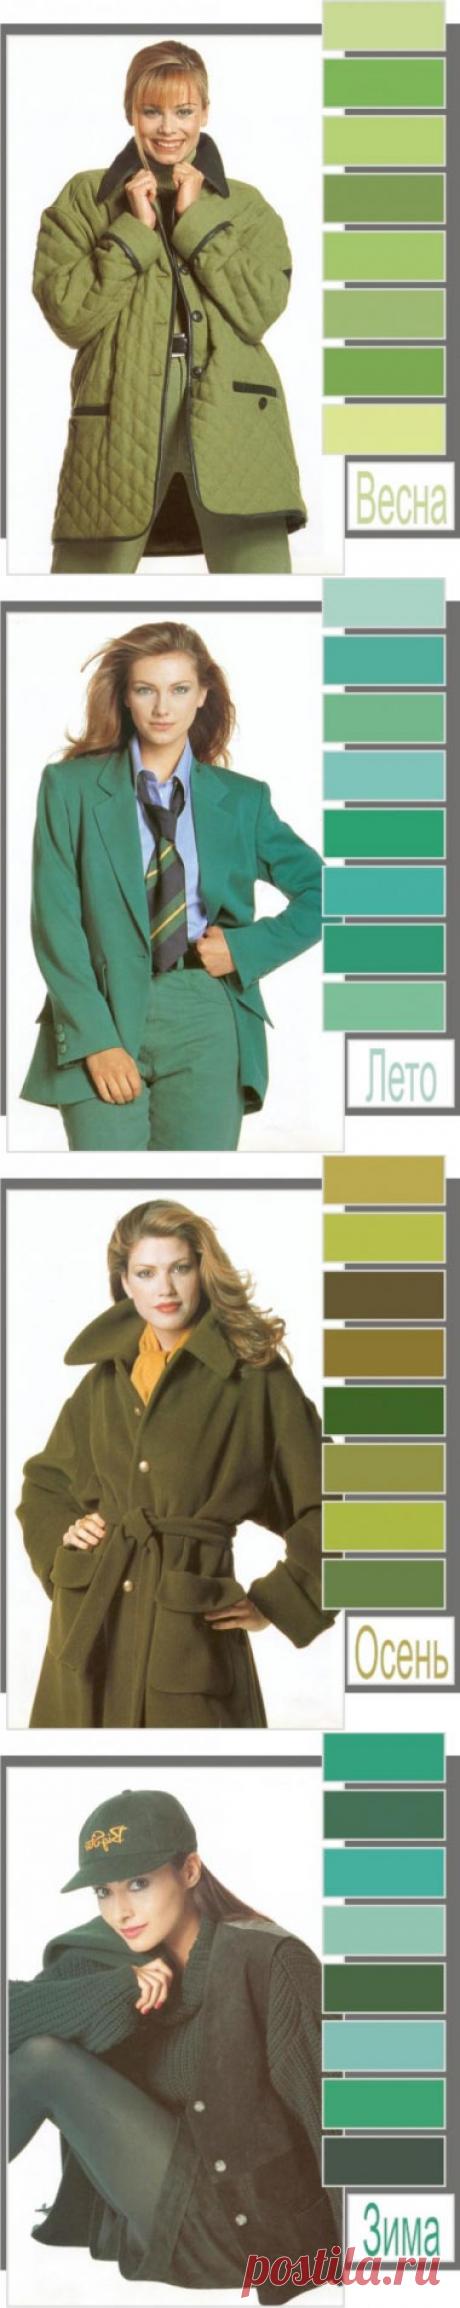 Выбираем свой оттенок зеленого в одежде в зависимости от цветотипа внешности